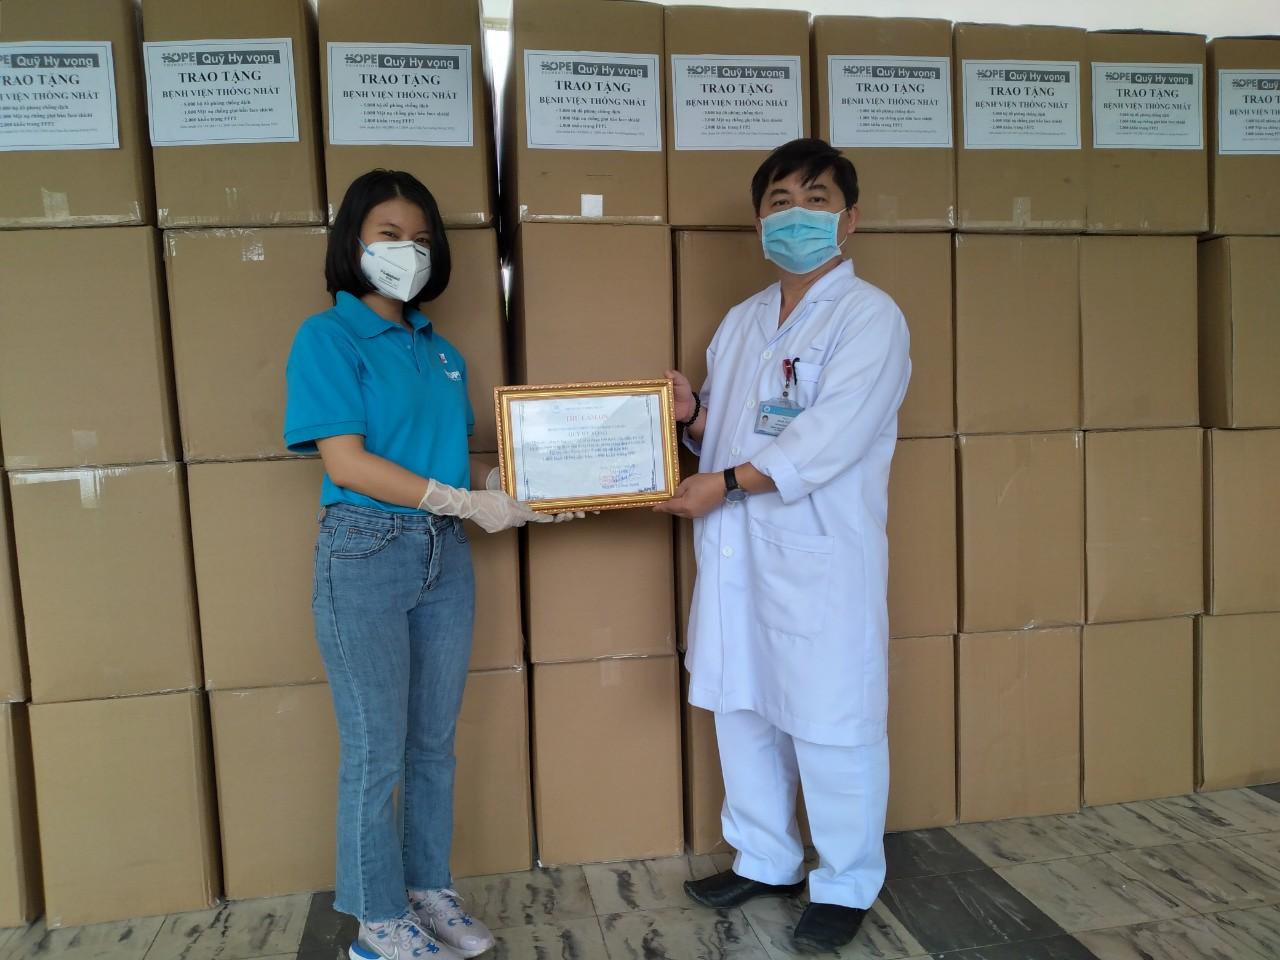 Đại diện Bệnh viện Thống Nhất gửi thư cảm ơn đến Quỹ Hy vọng sau khi tiếp nhận các trang thiết bị phòng hộ cho y bác sĩ. Ảnh: Hiền Ly.